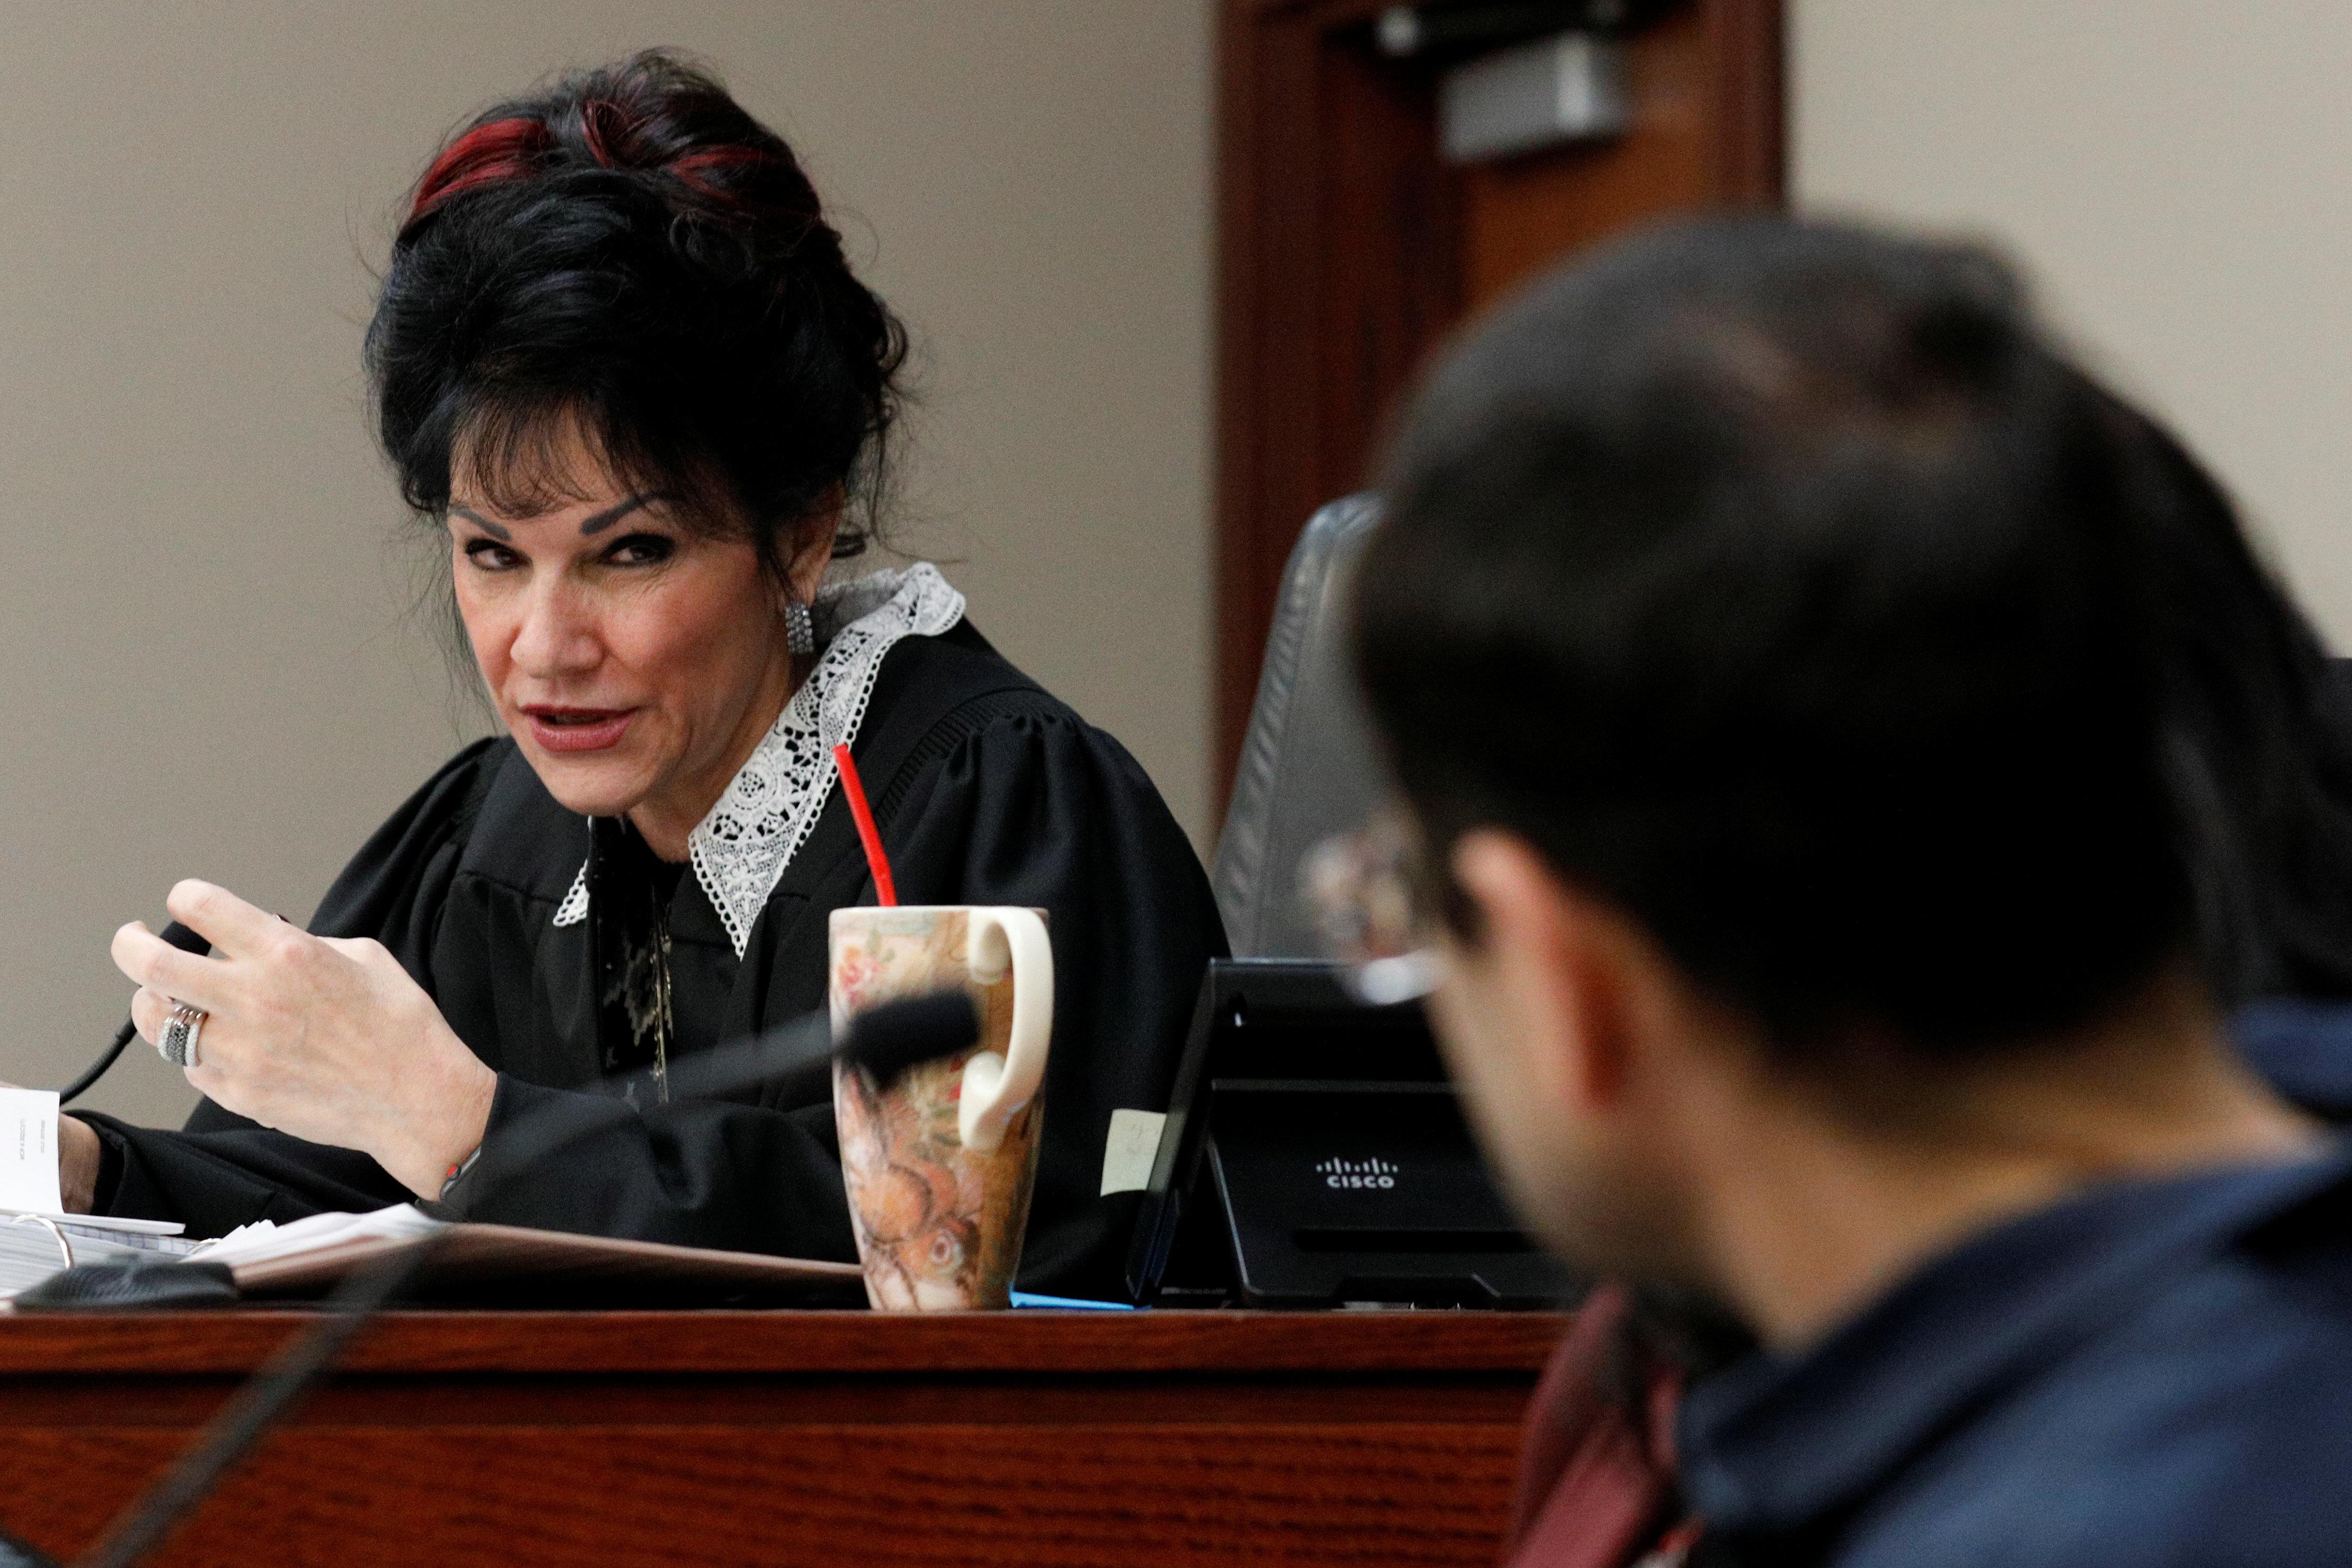 Circuit Court Judge Rosemarie Aquilina addresses Larry Nassar on Jan. 18, 2018, during his sentencing hearing in Lansing, Mic